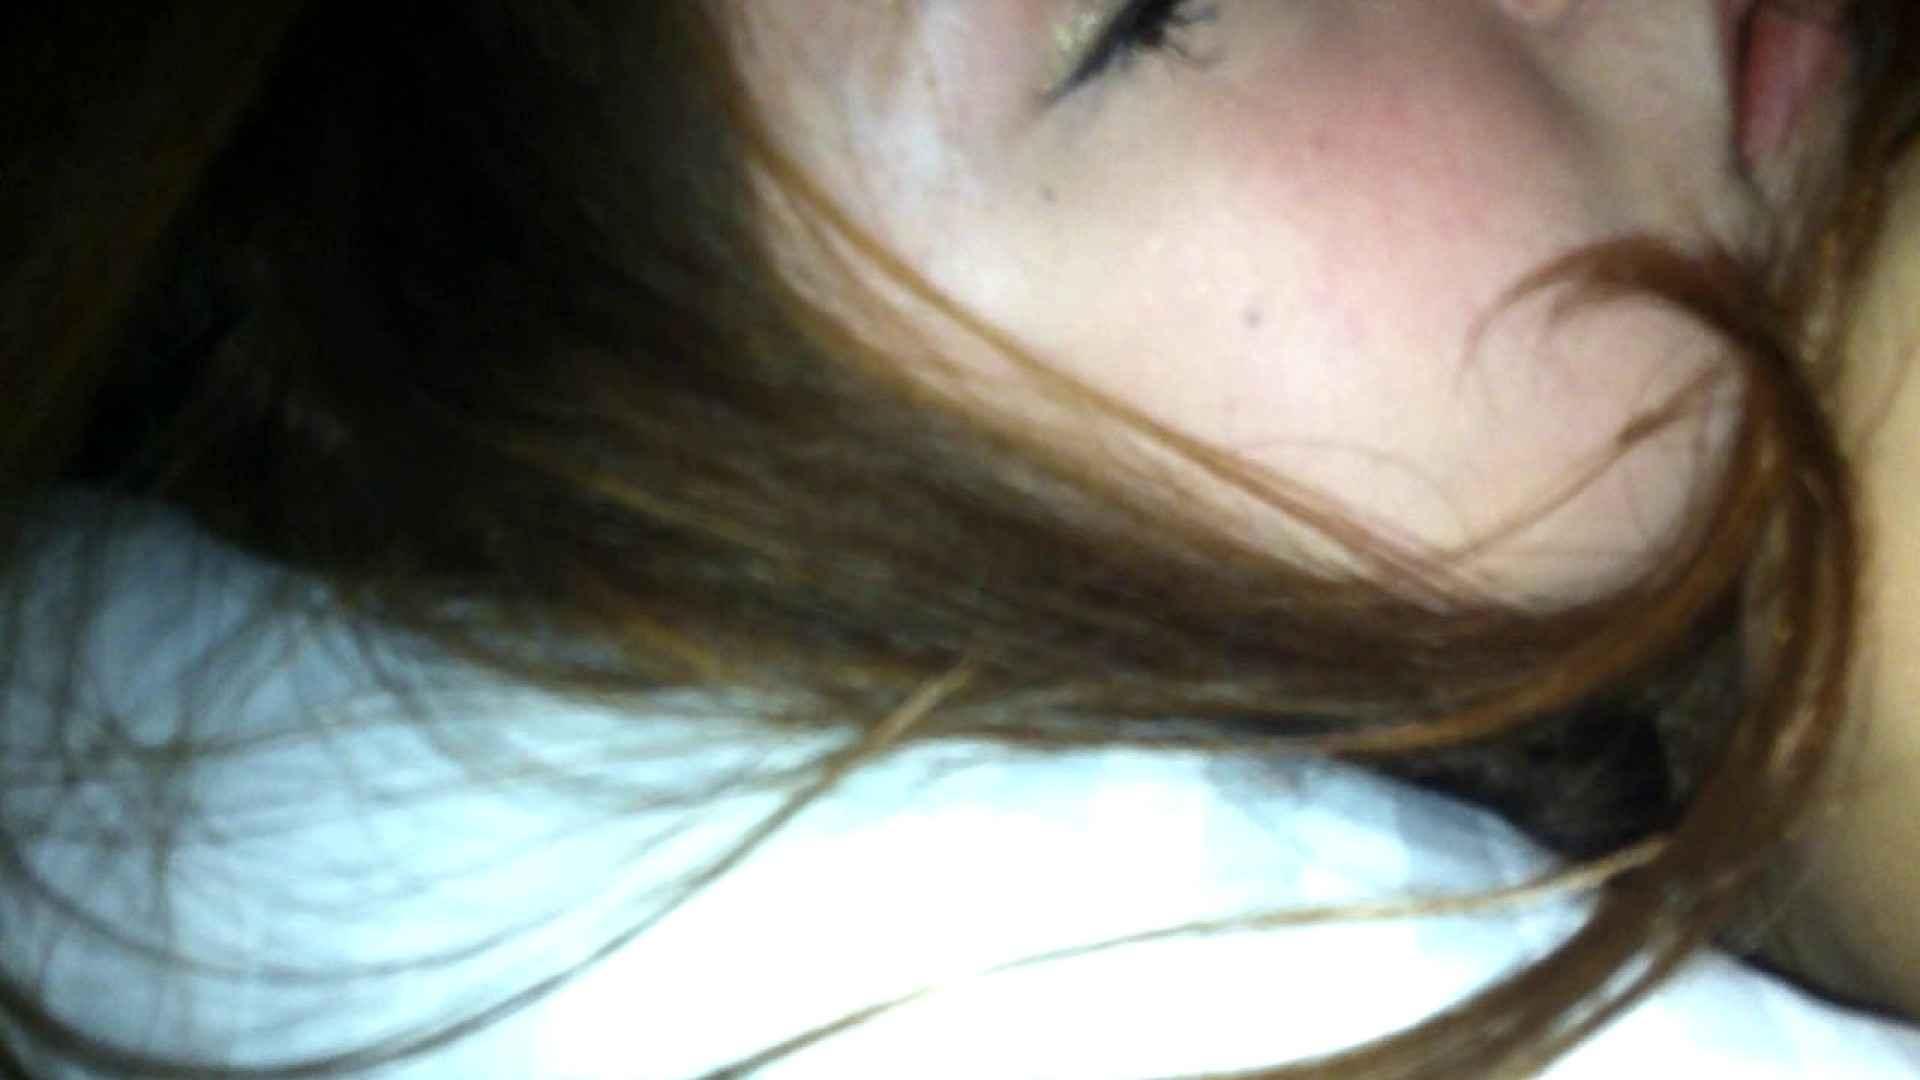 魔術師の お・も・て・な・し vol.11 19歳女子大生にホテルでイタズラ 前編 ホテル   イタズラ  103画像 73